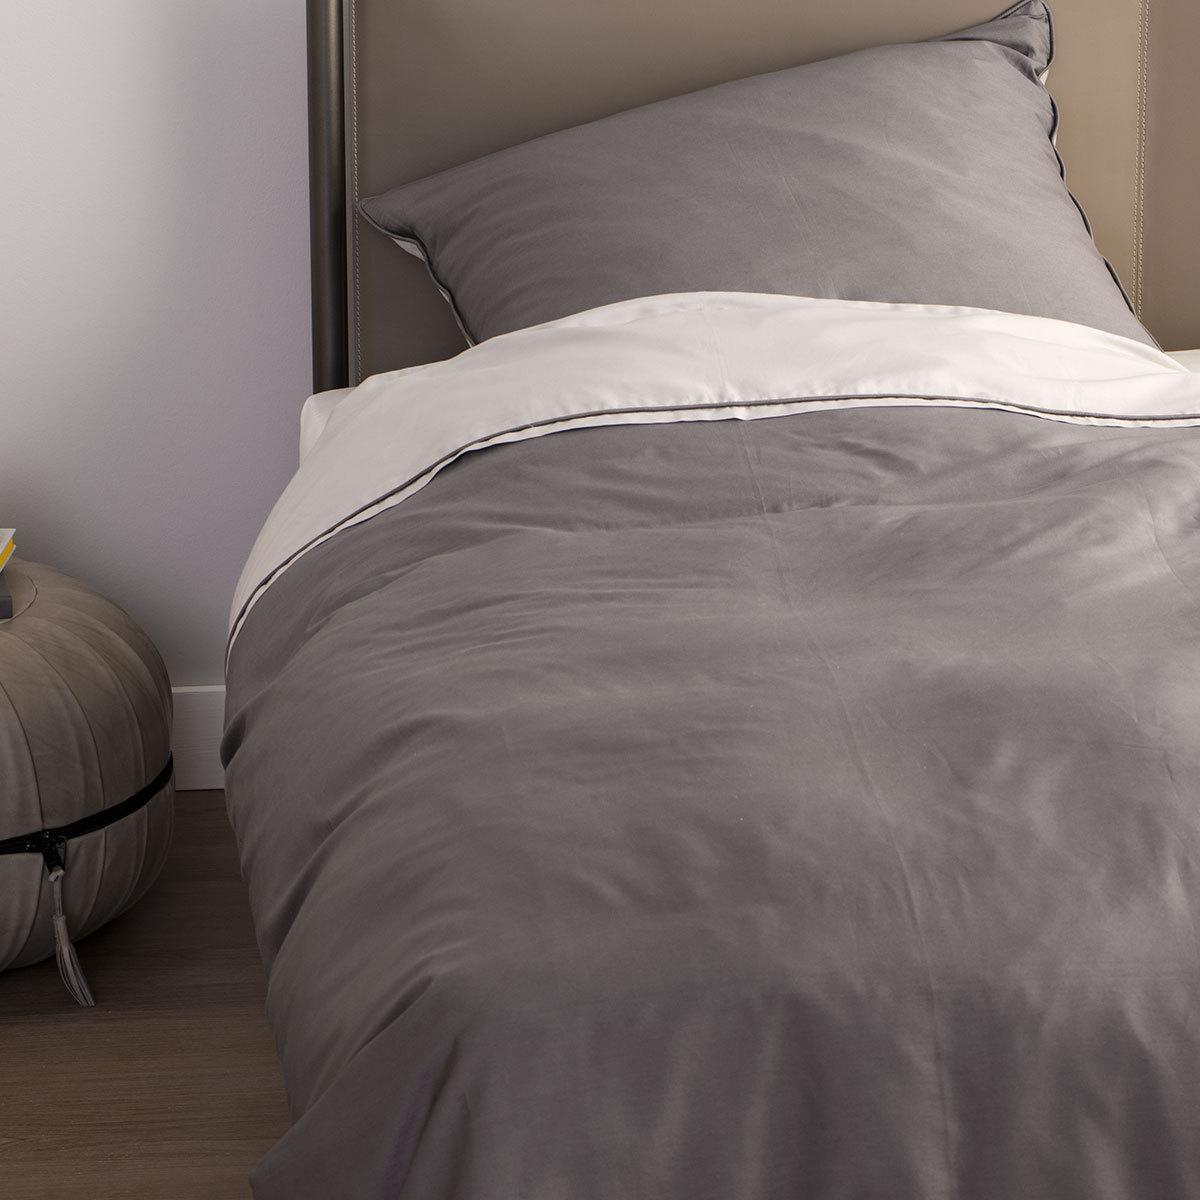 sch ner wohnen mako satin bettw sche pure sand anthrazit. Black Bedroom Furniture Sets. Home Design Ideas